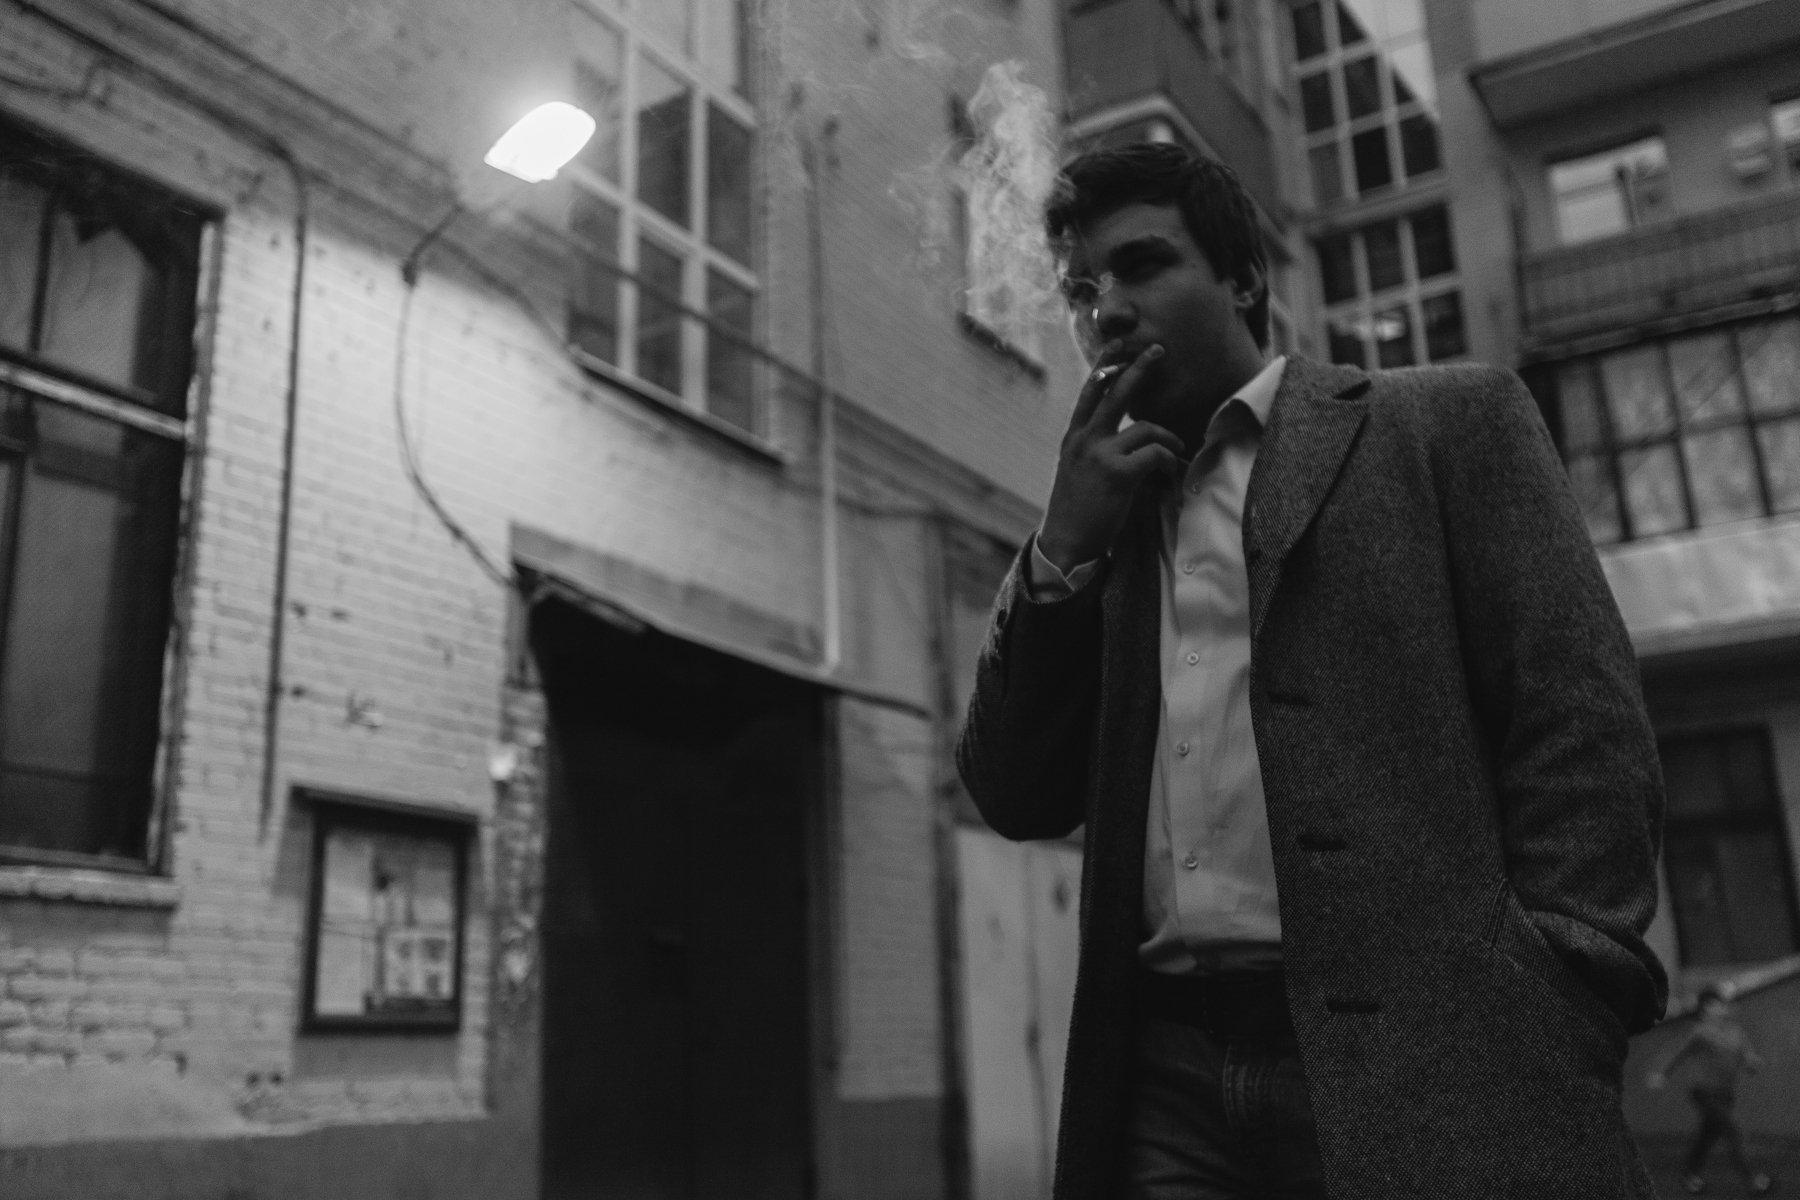 парень, курит, чб, чёрно-белое, фото, свет, контровый, композиция, углы, улица, подъезд, , Иванов Юрий